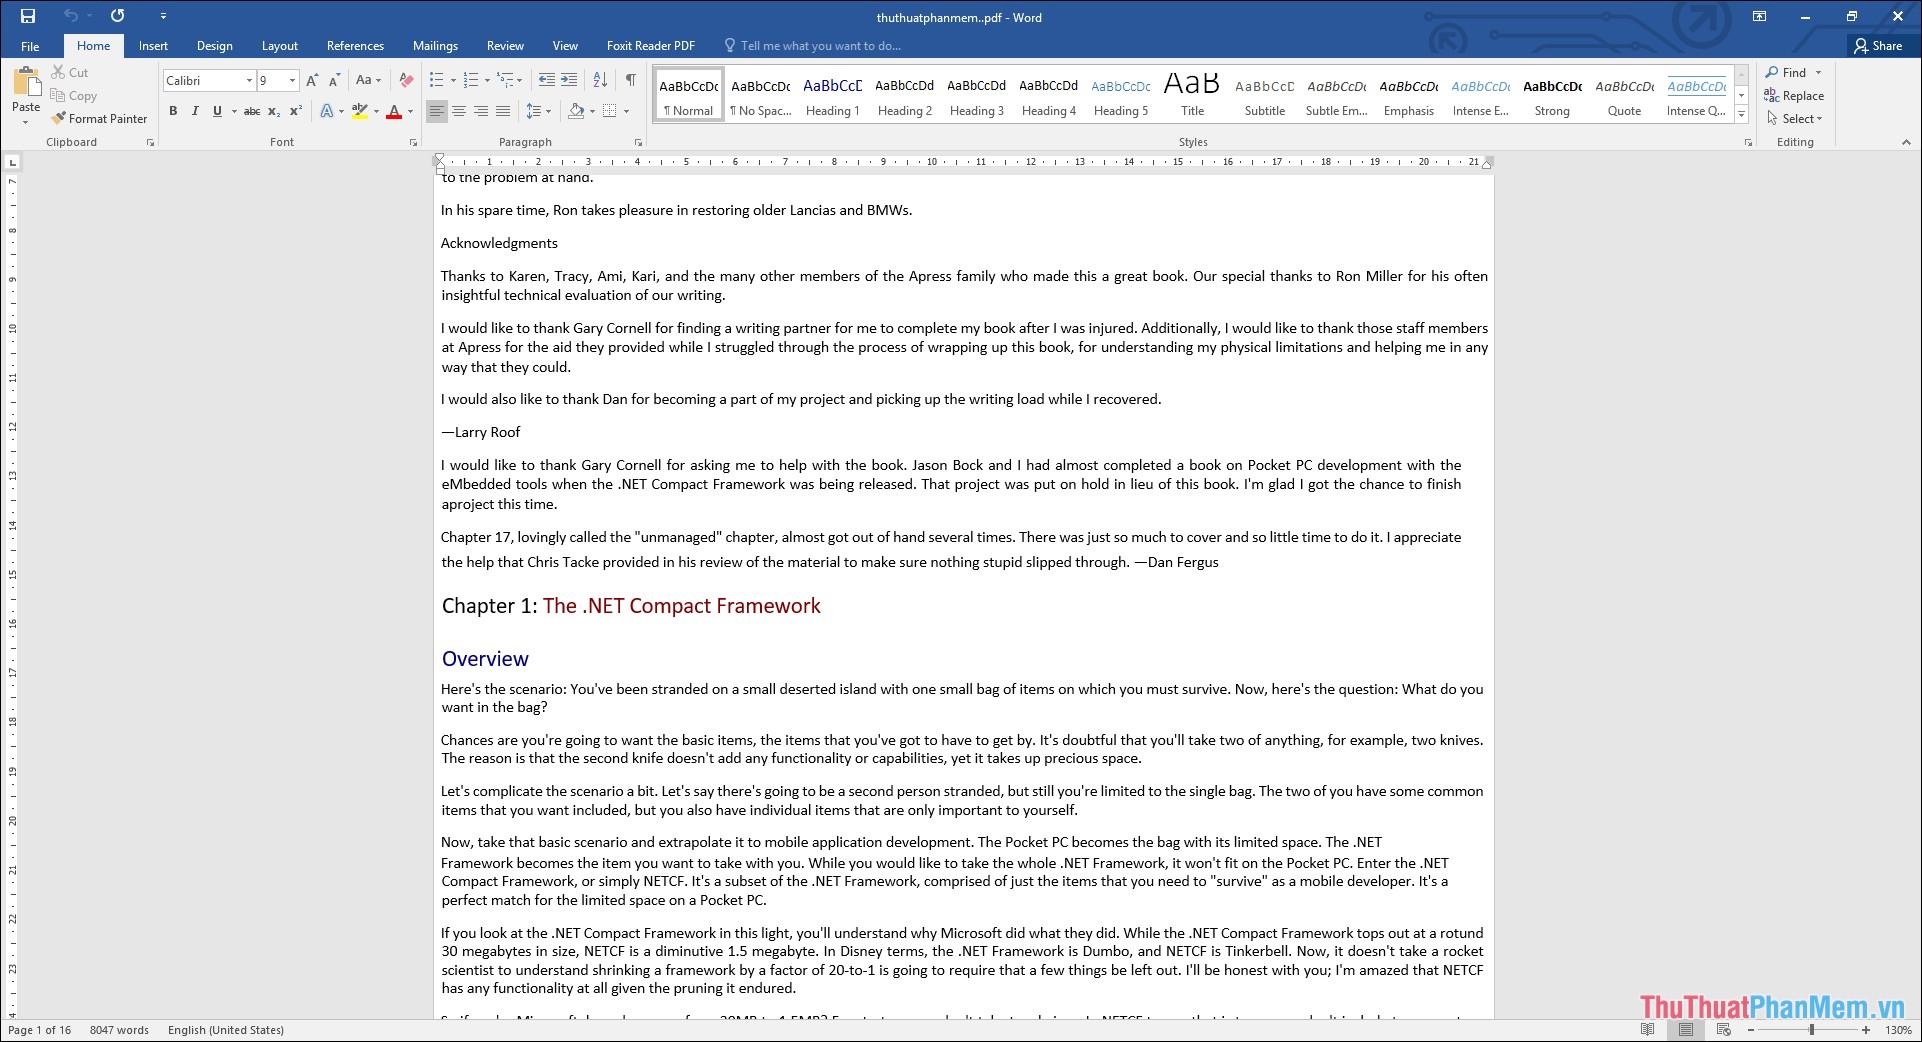 Toàn bộ file PDF đã xuất ra Word